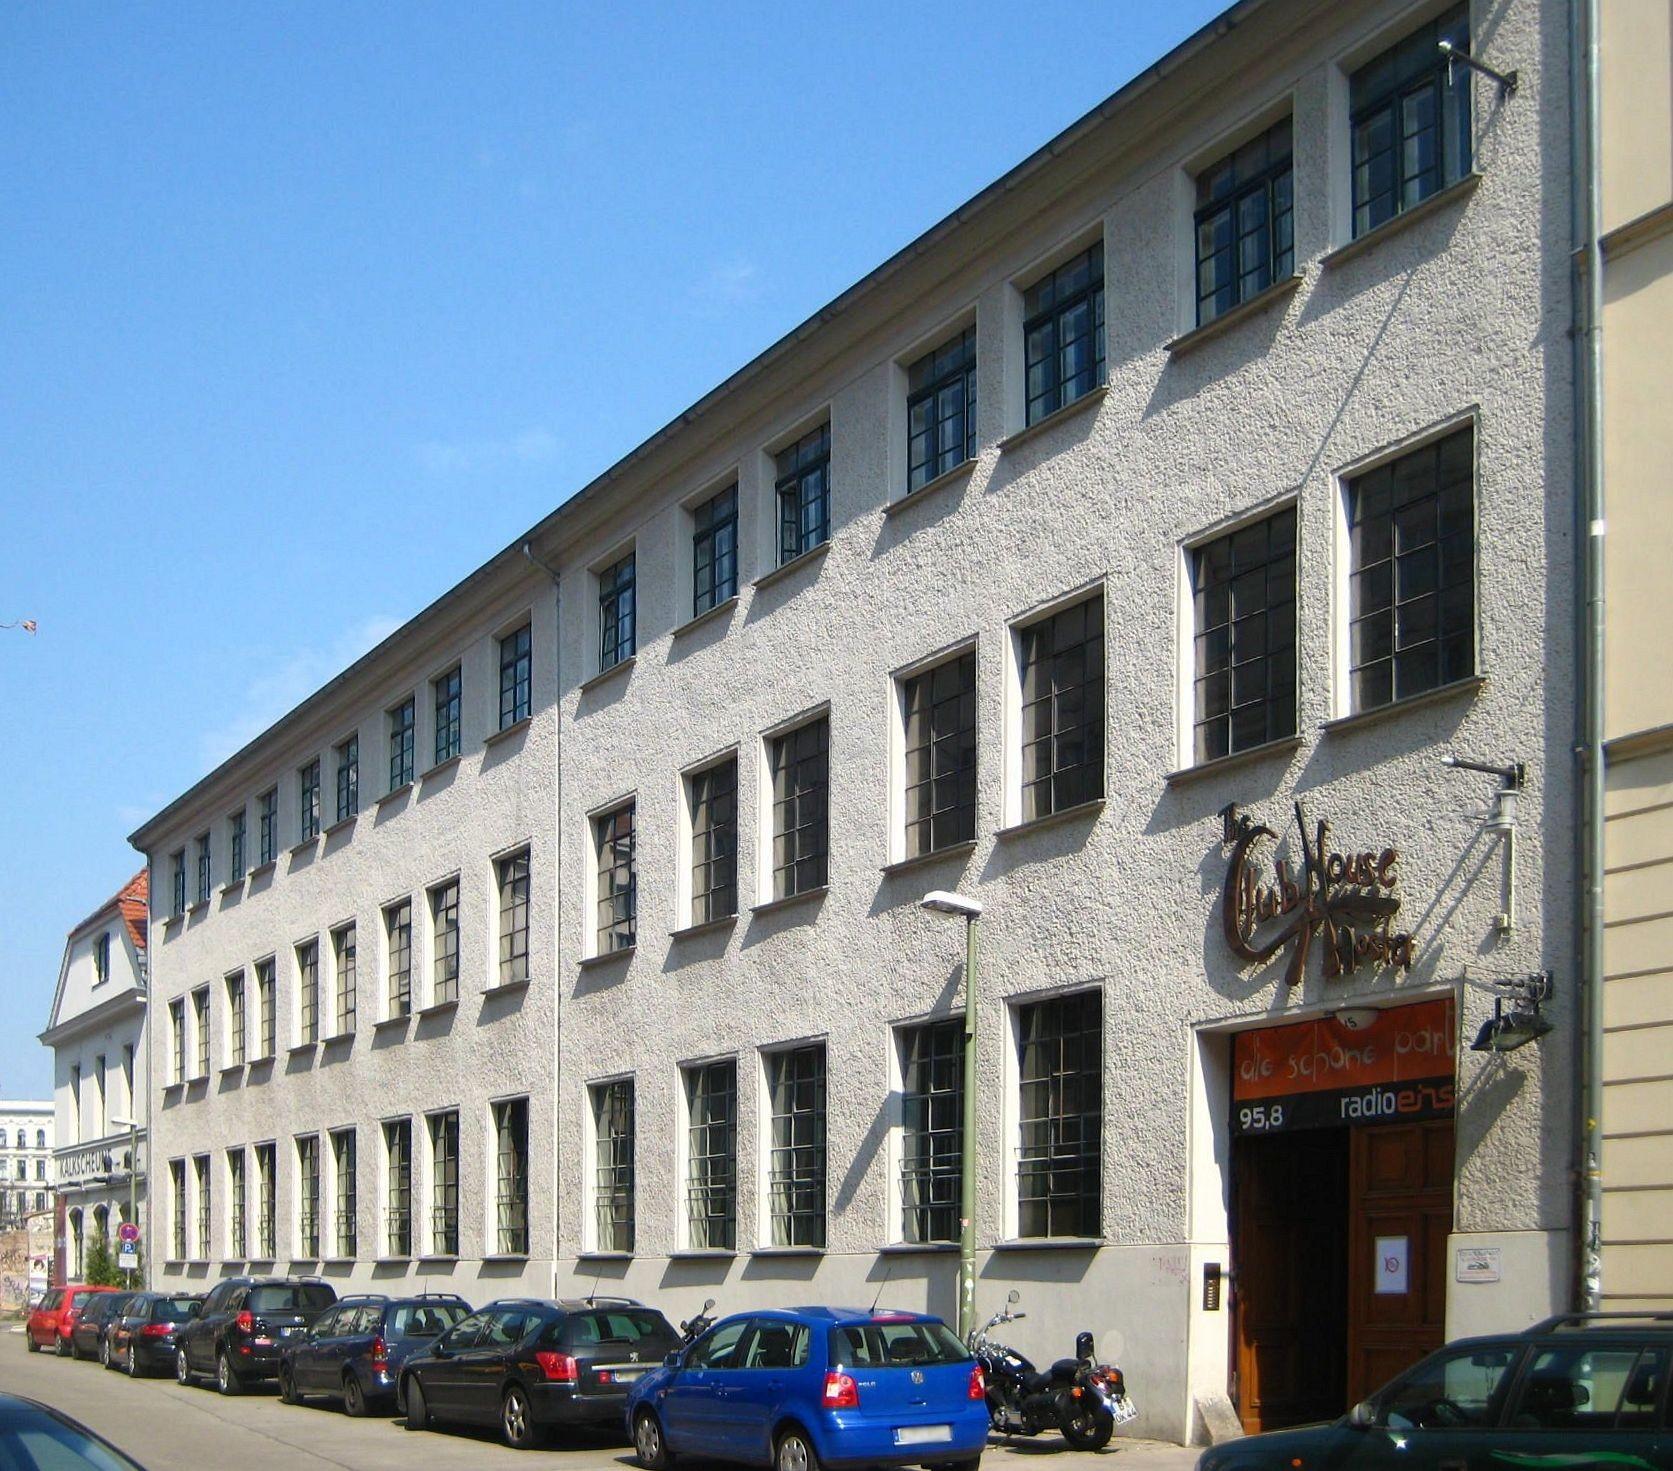 datei berlin mitte kalkscheunenstrasse 4 5 clubhouse hostel wikipedia. Black Bedroom Furniture Sets. Home Design Ideas